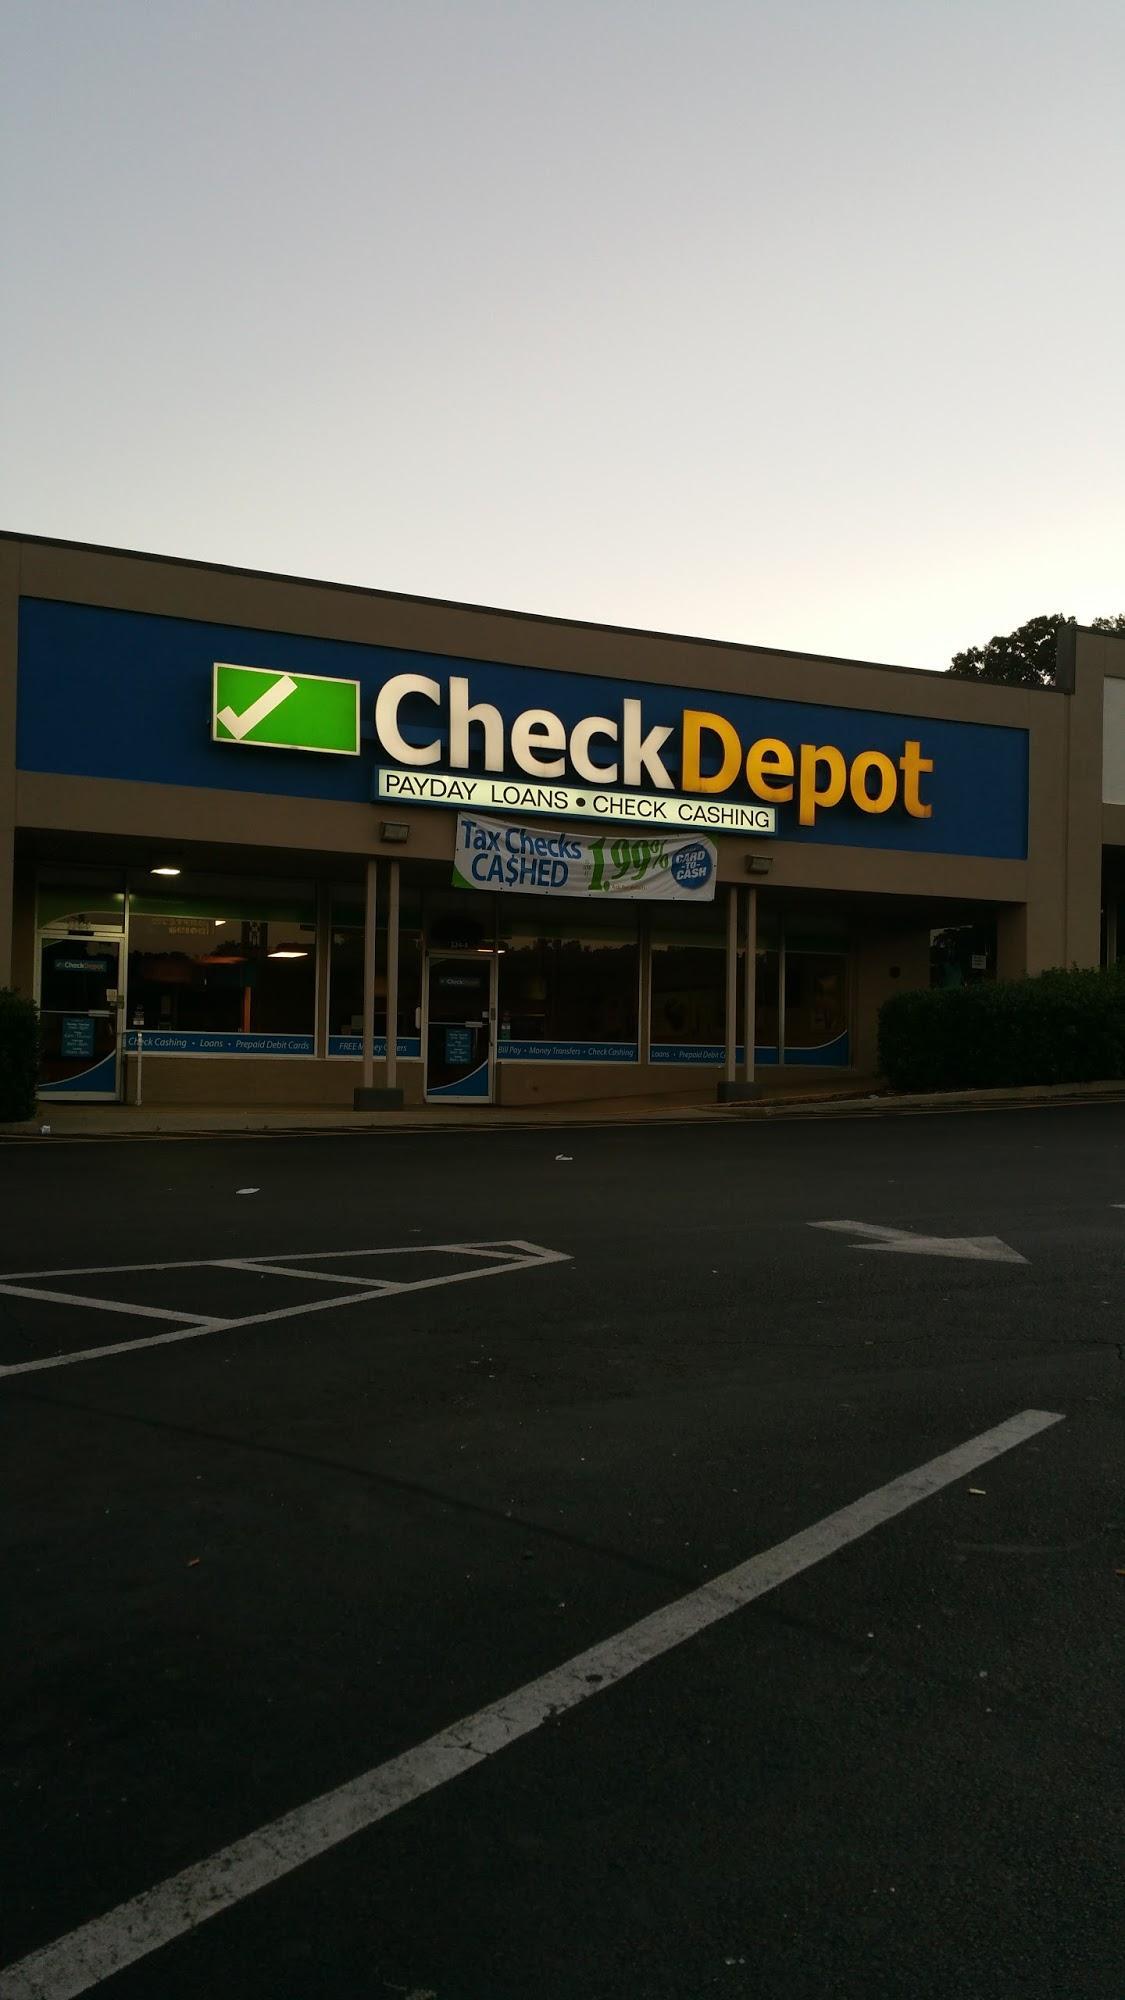 Check Depot